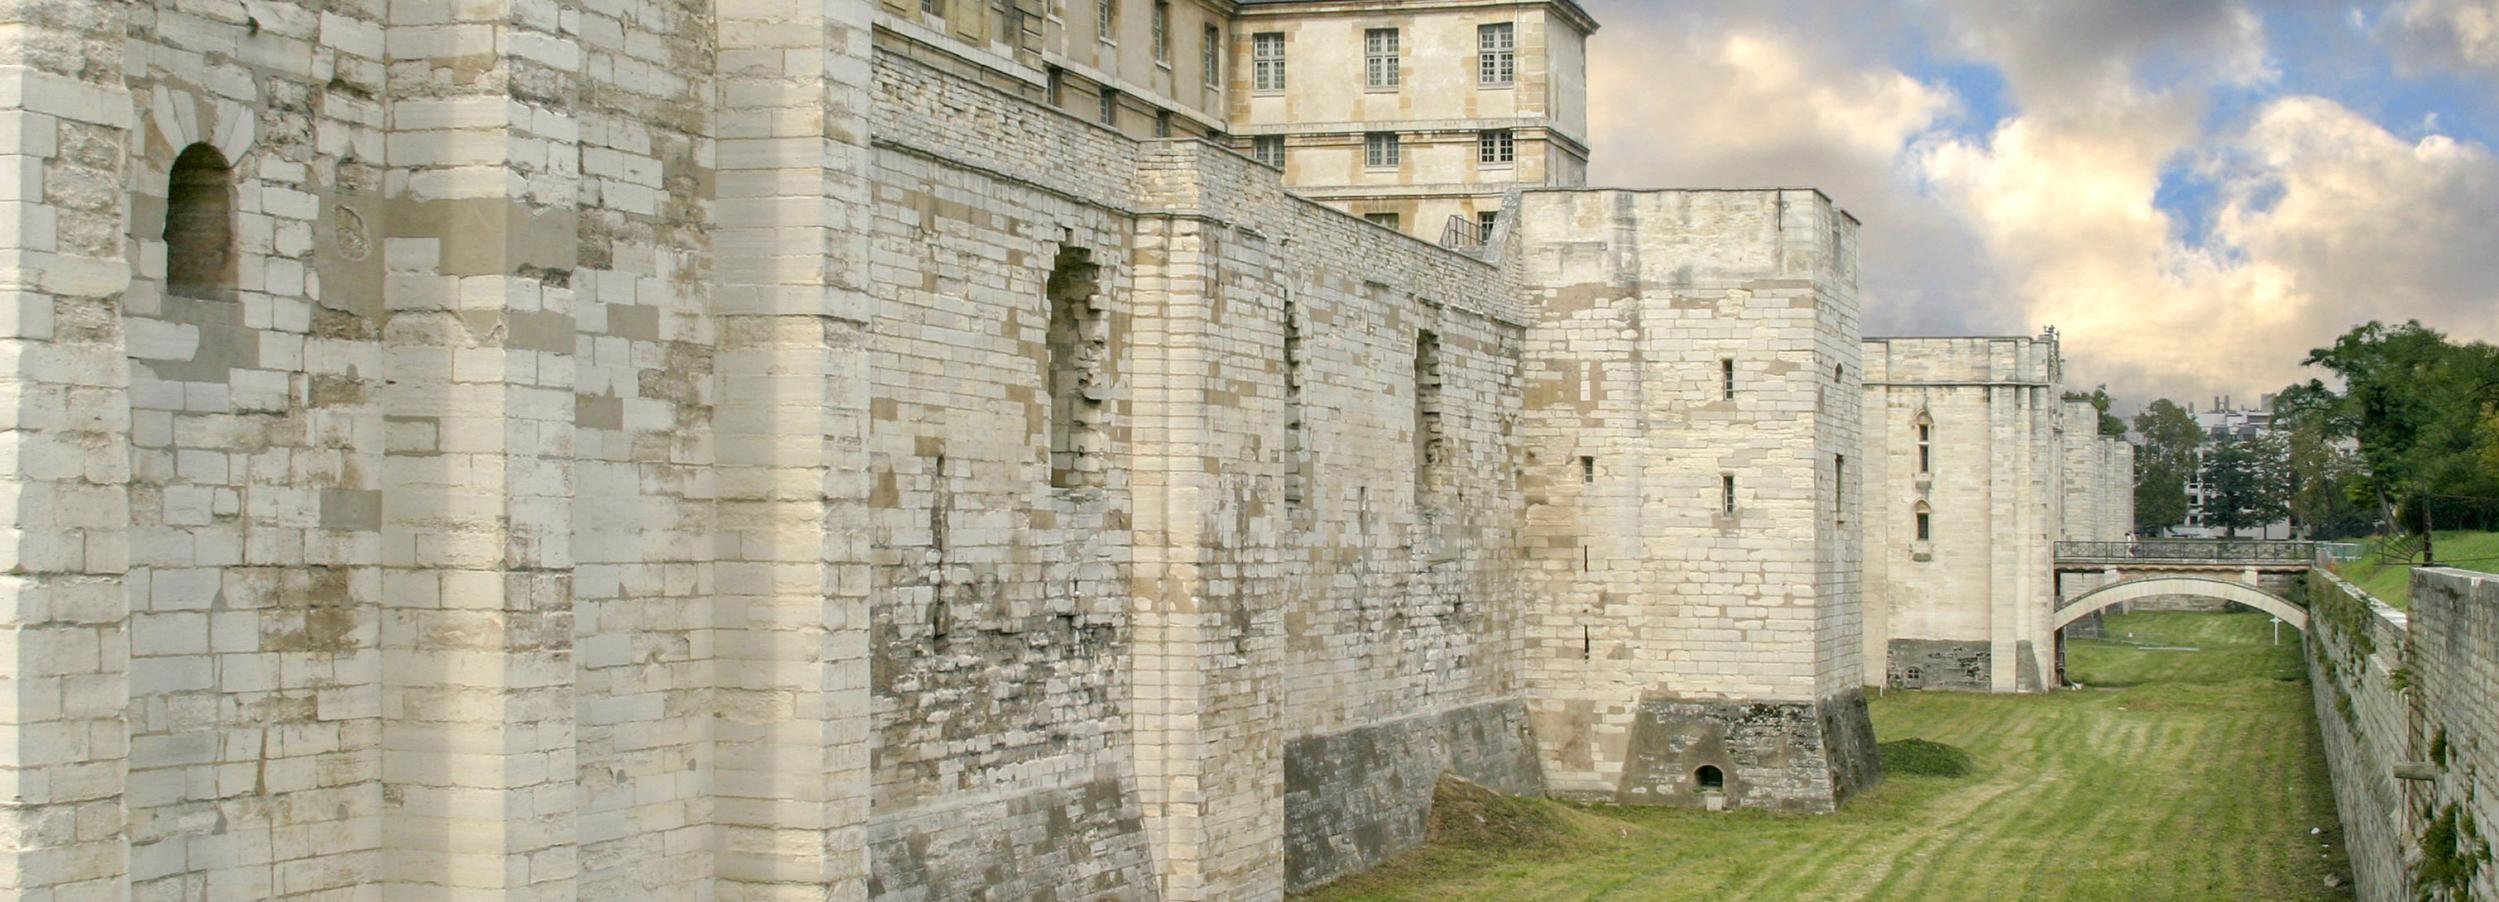 París: Entrada al Château de Vincennes